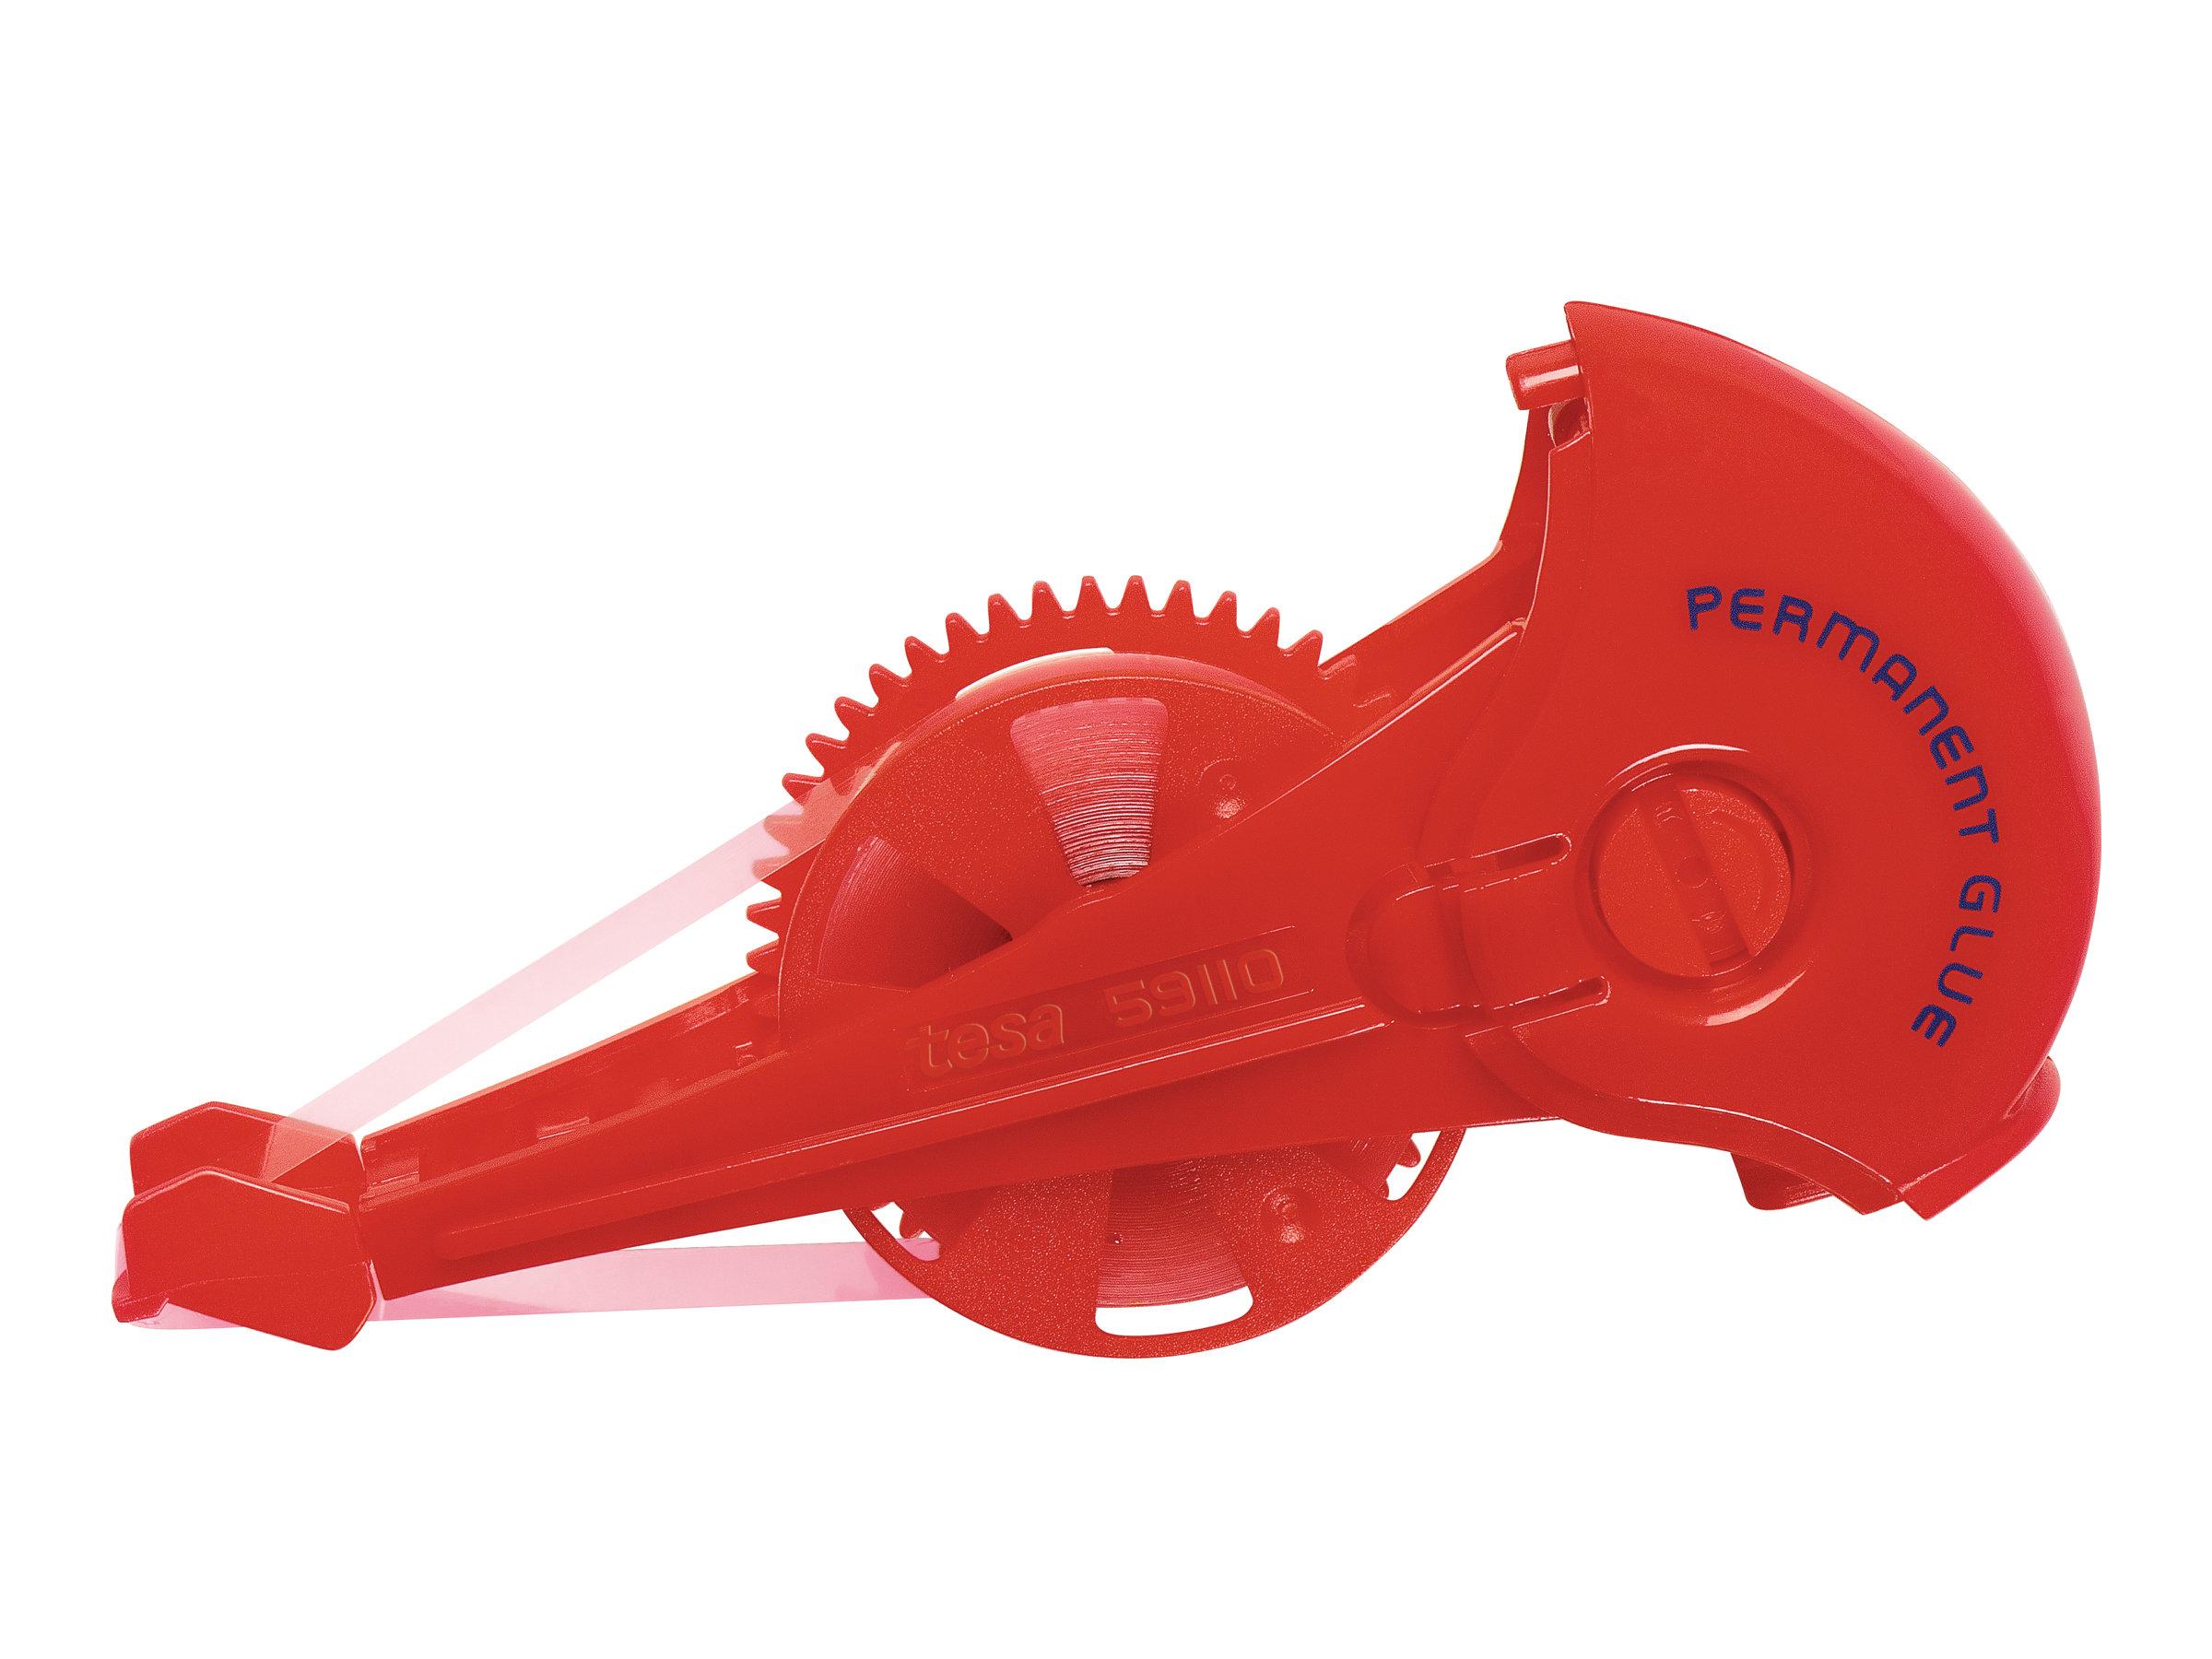 Tesa ecoLogo - Recharge pour rouleau de colle - 8.4 mm x 14 m - rougeâtre - permanent